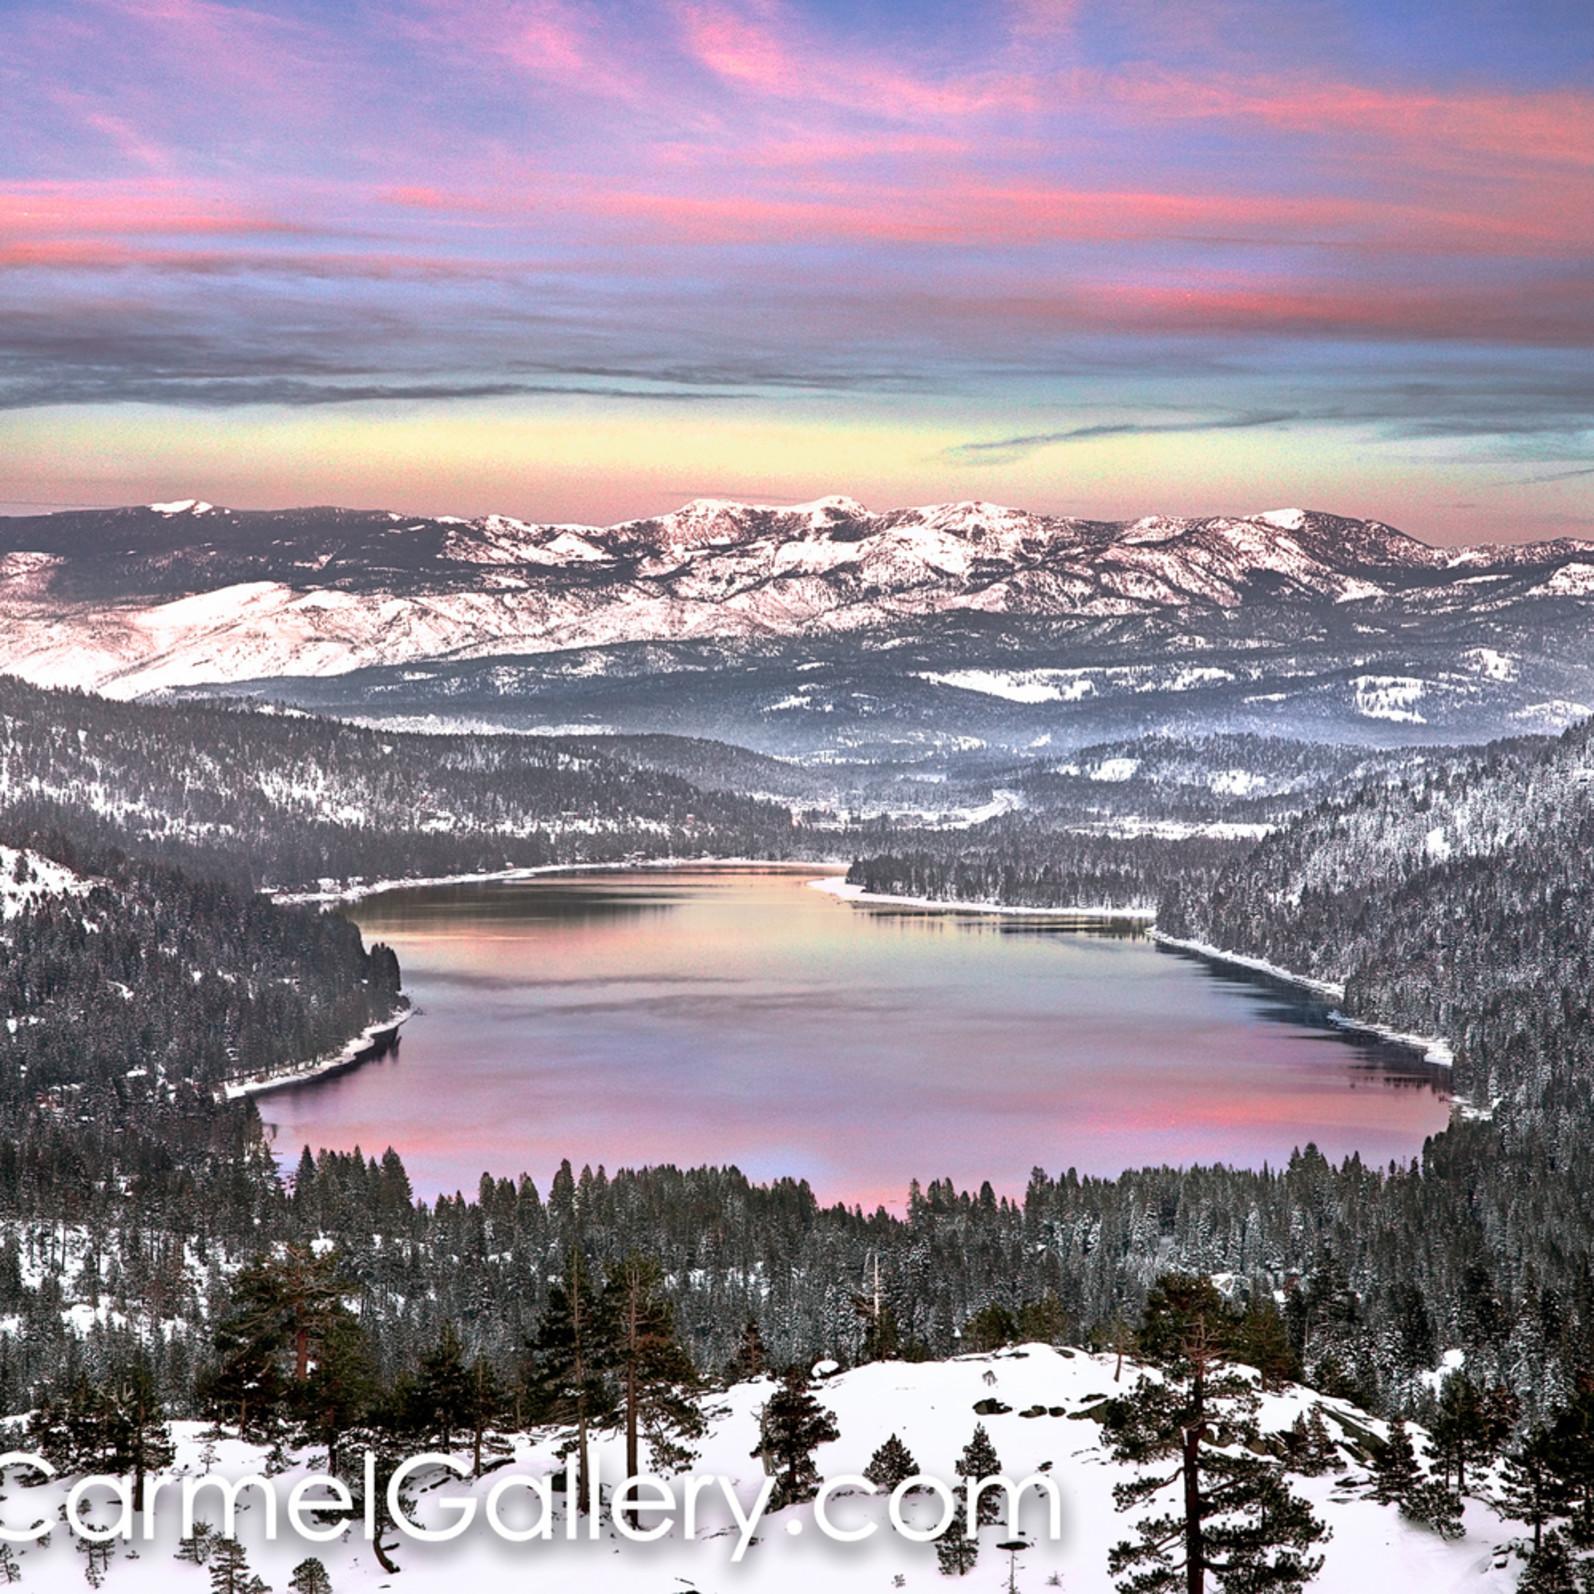 December sunset donner lake q0b0fa